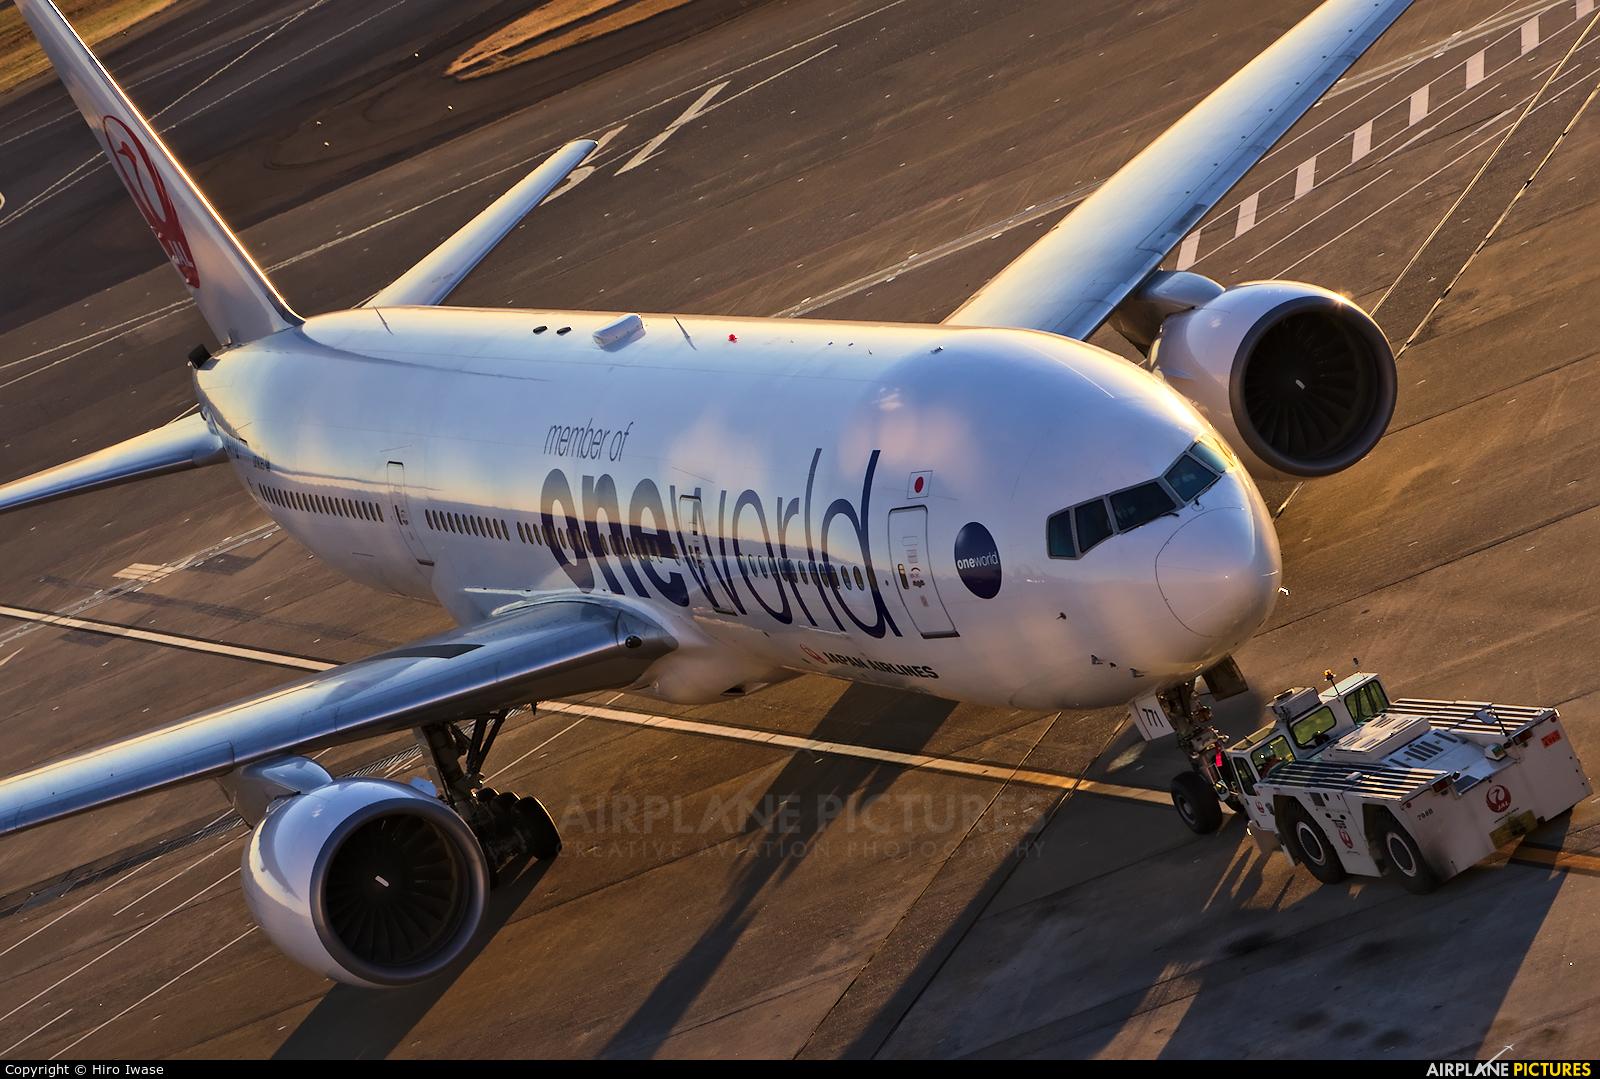 JAL - Japan Airlines JA771J aircraft at Tokyo - Haneda Intl